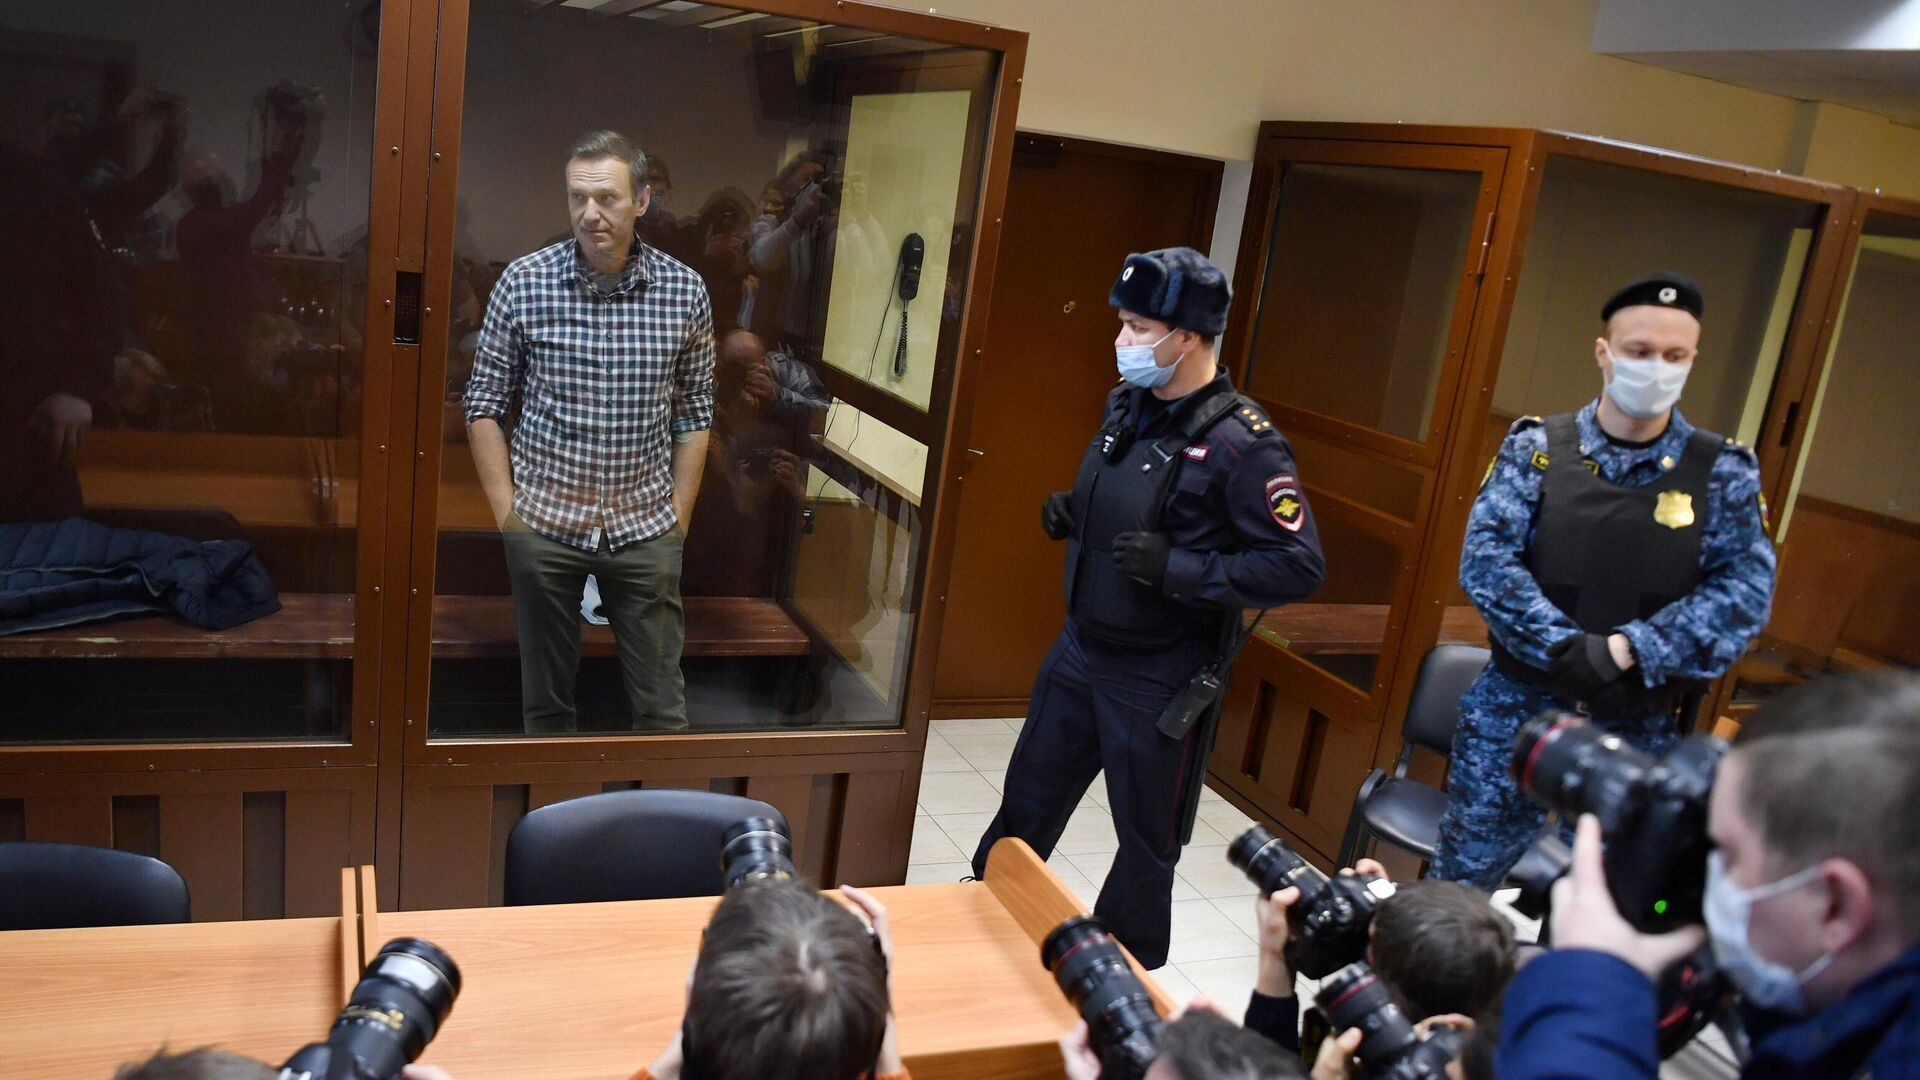 Алексей Навальный в зале Бабушкинского районного суда - РИА Новости, 1920, 30.04.2021